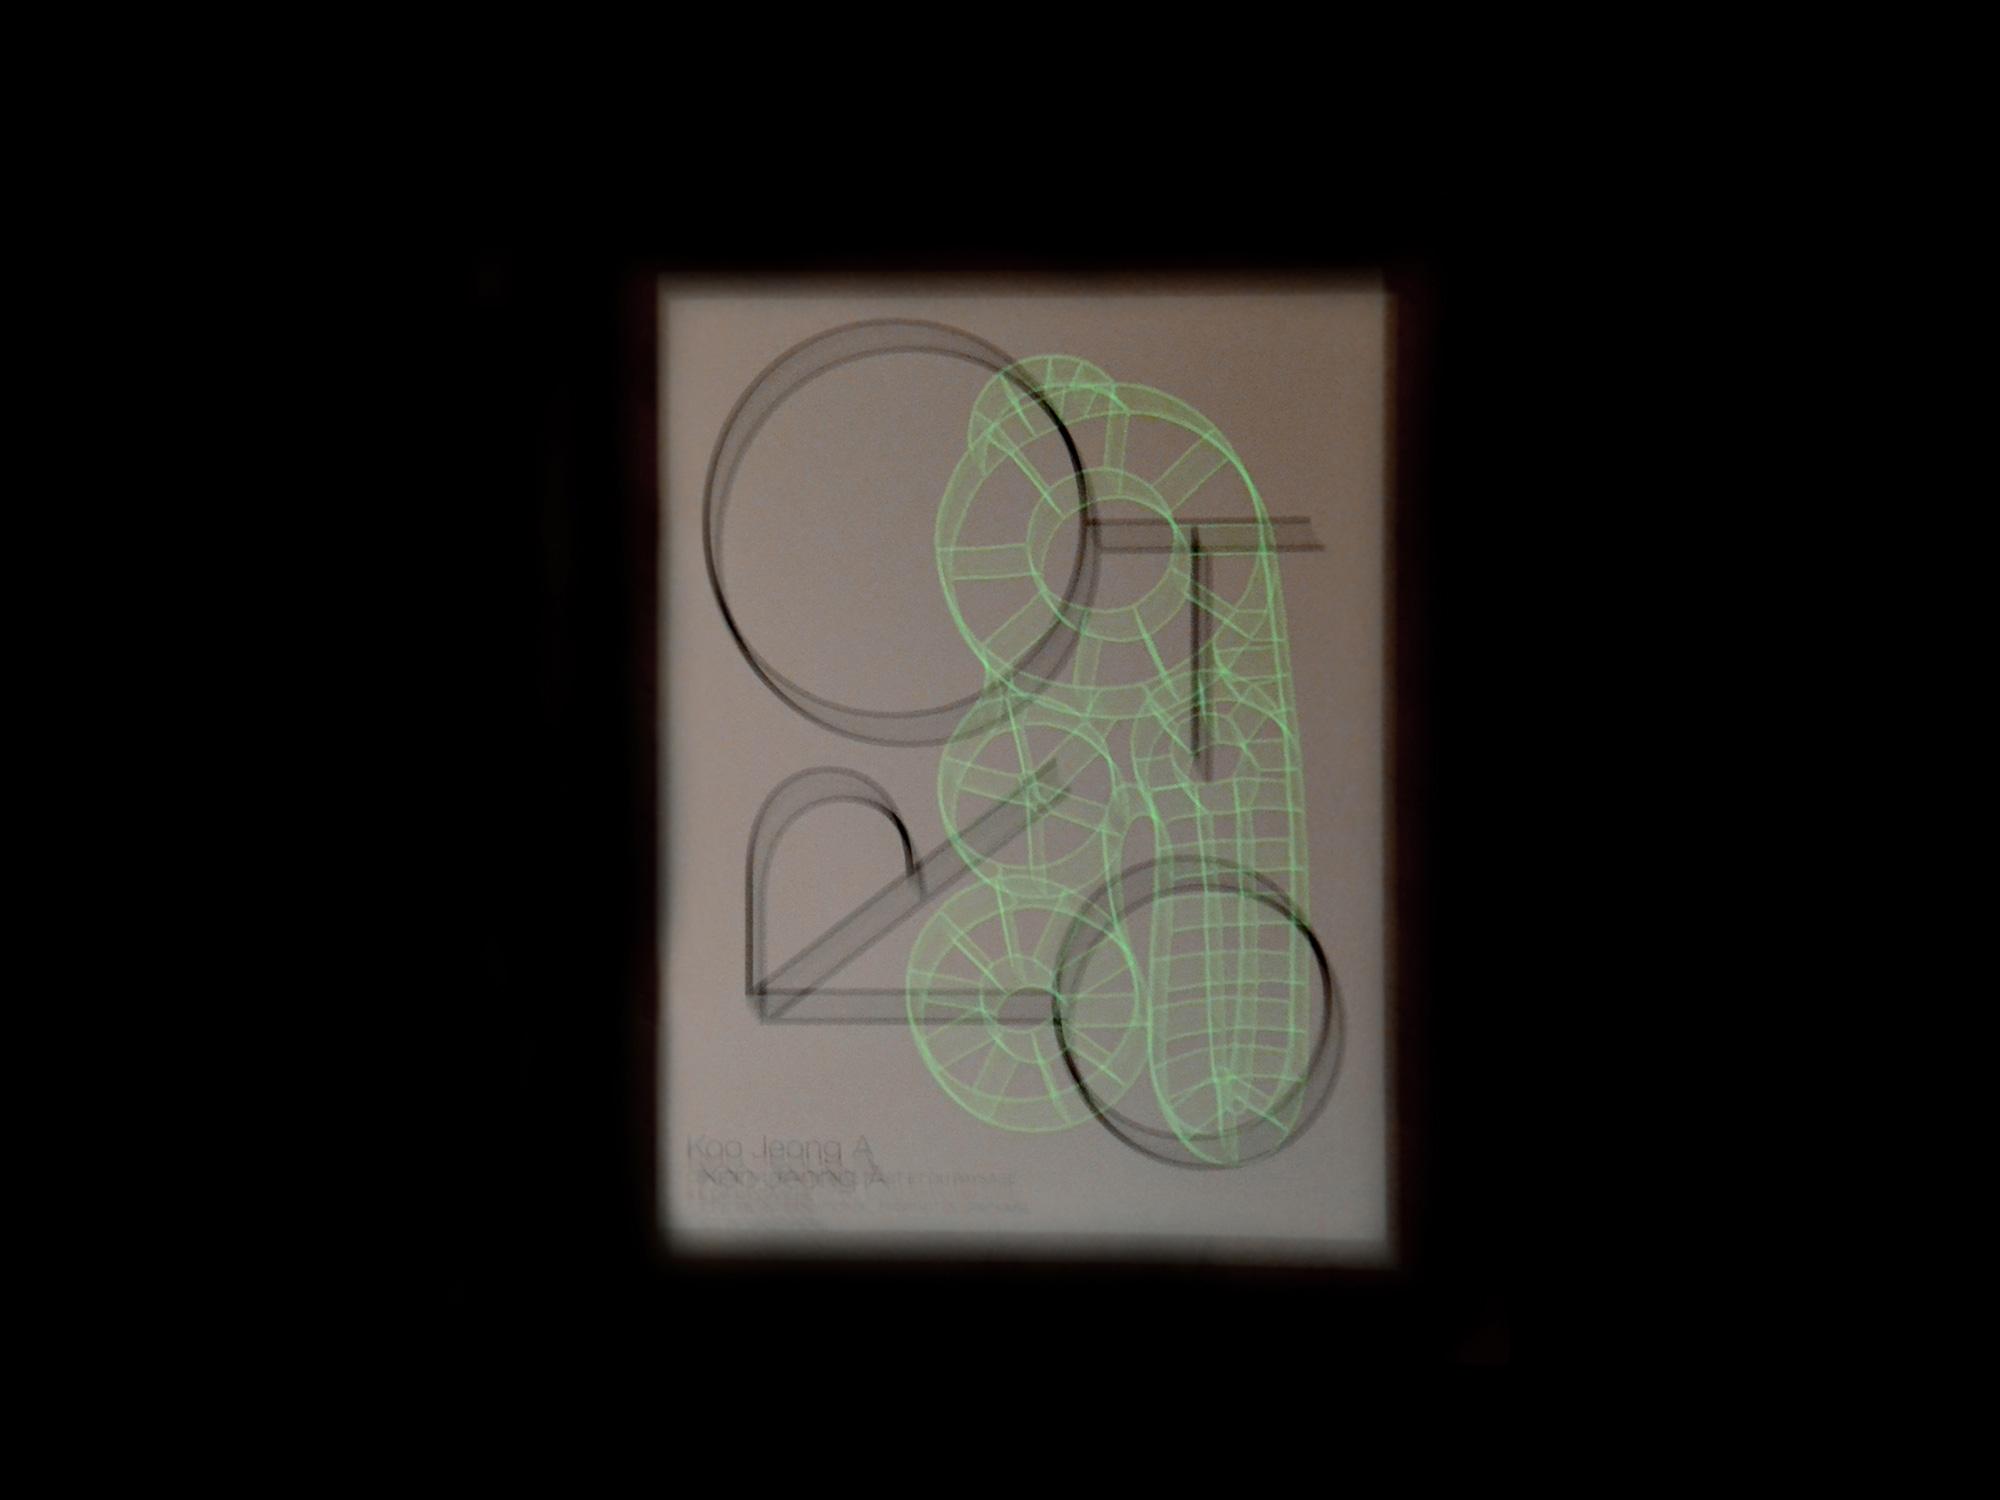 http://a-aa.fr/projet/catalogue-otro/